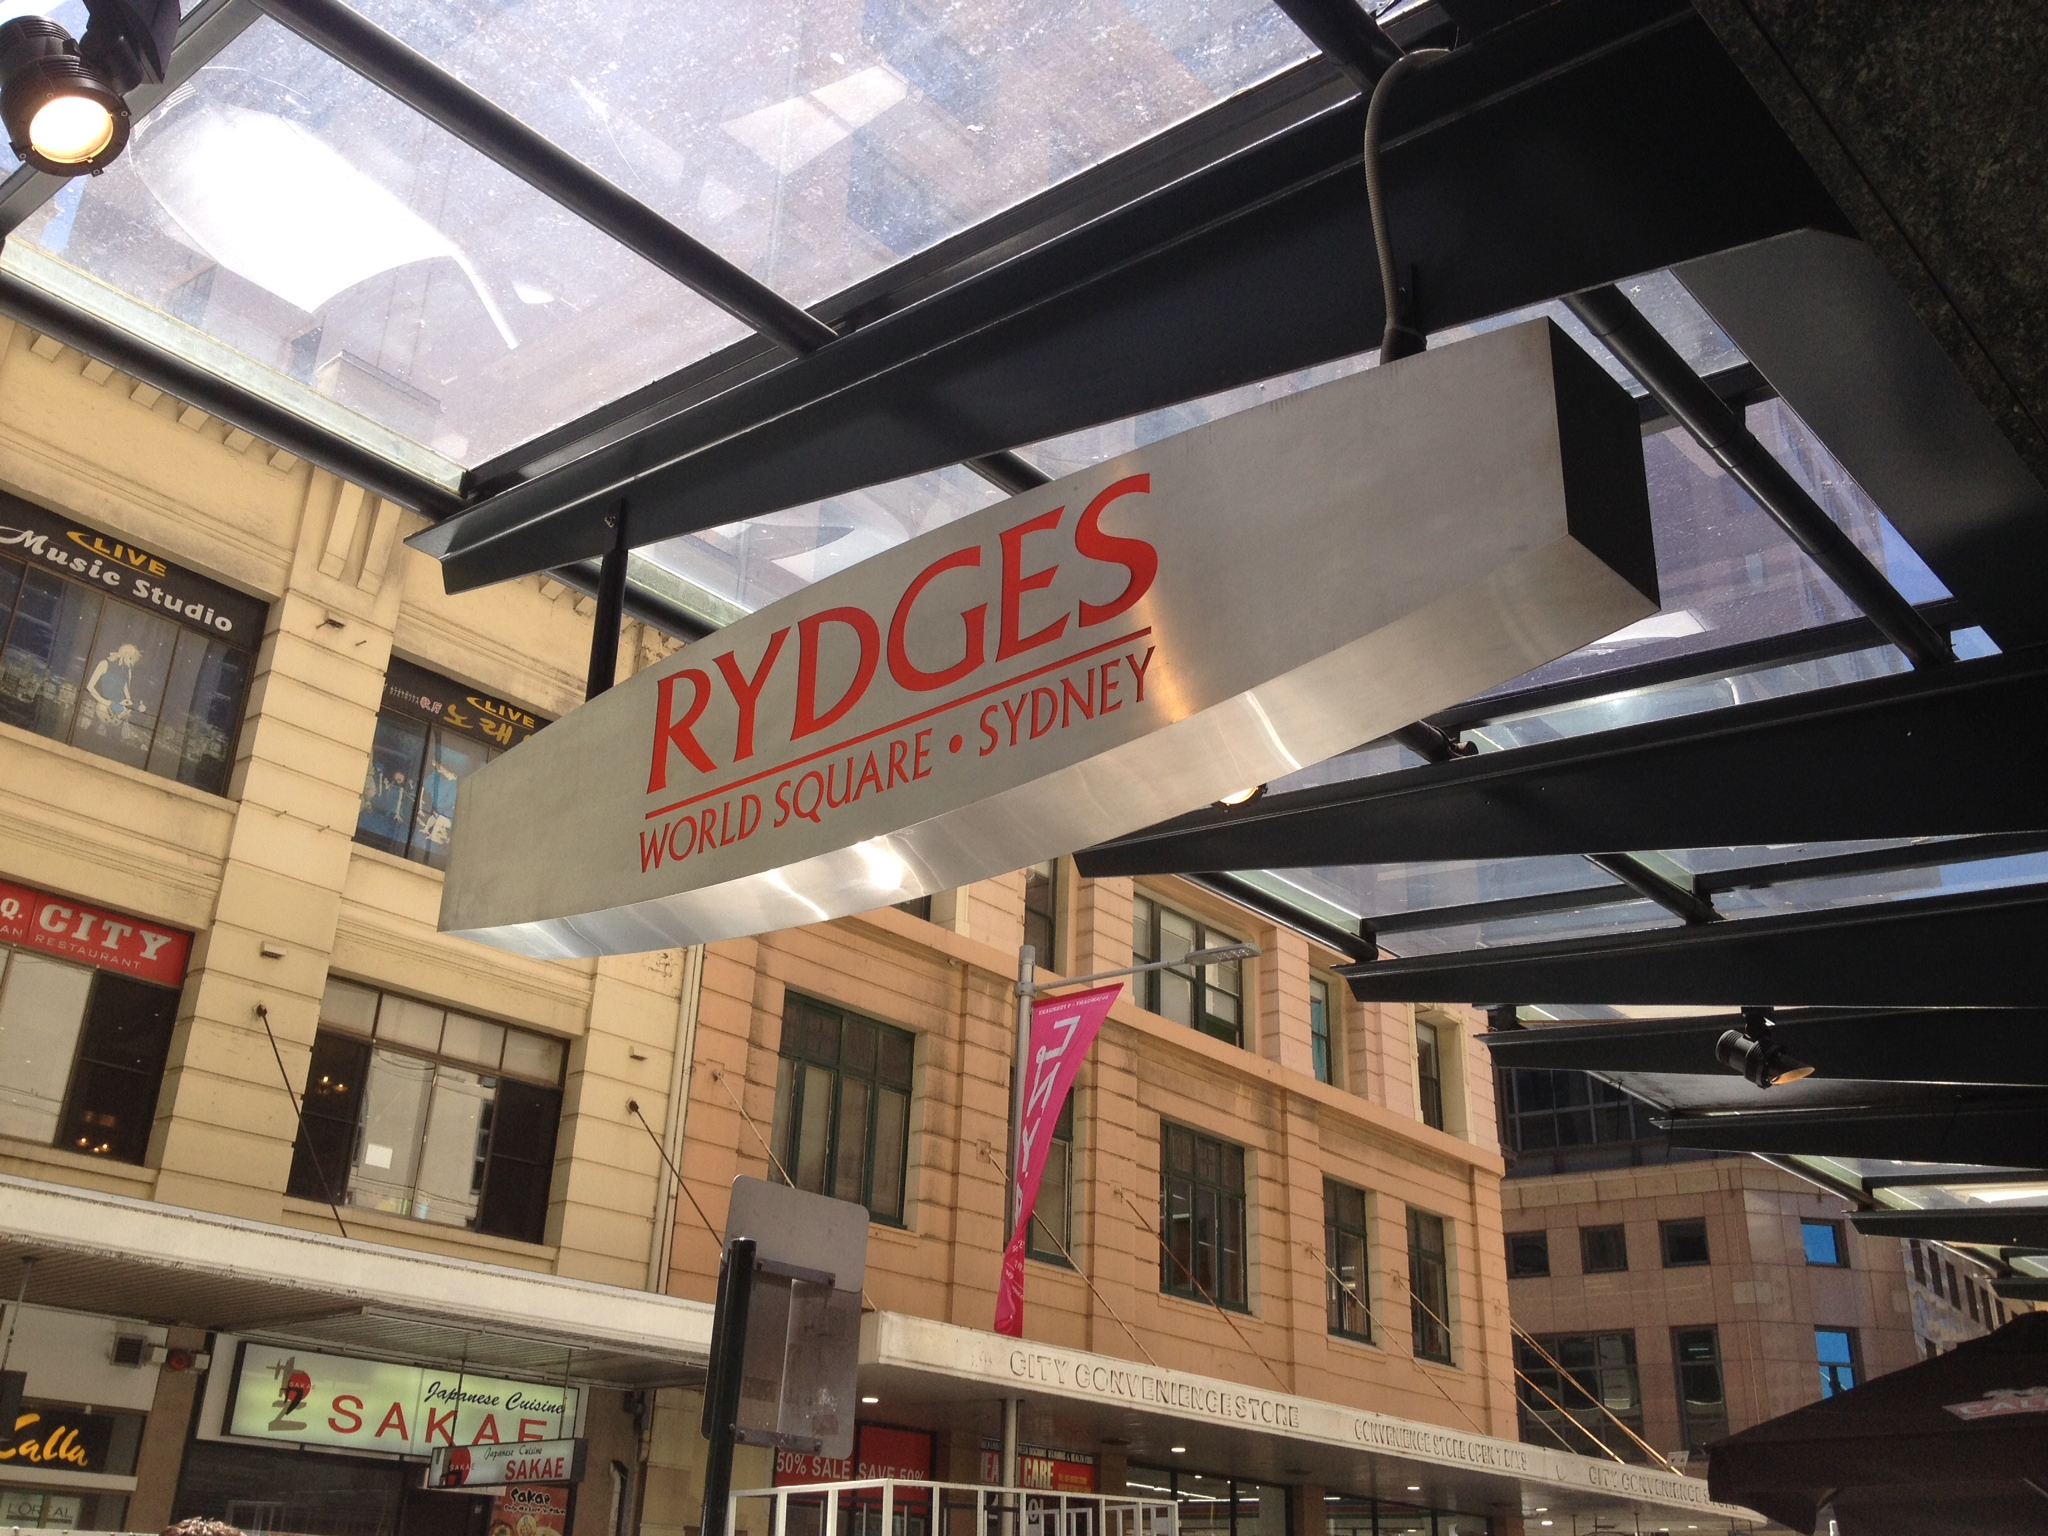 rydges world square sydney the trusted traveller. Black Bedroom Furniture Sets. Home Design Ideas